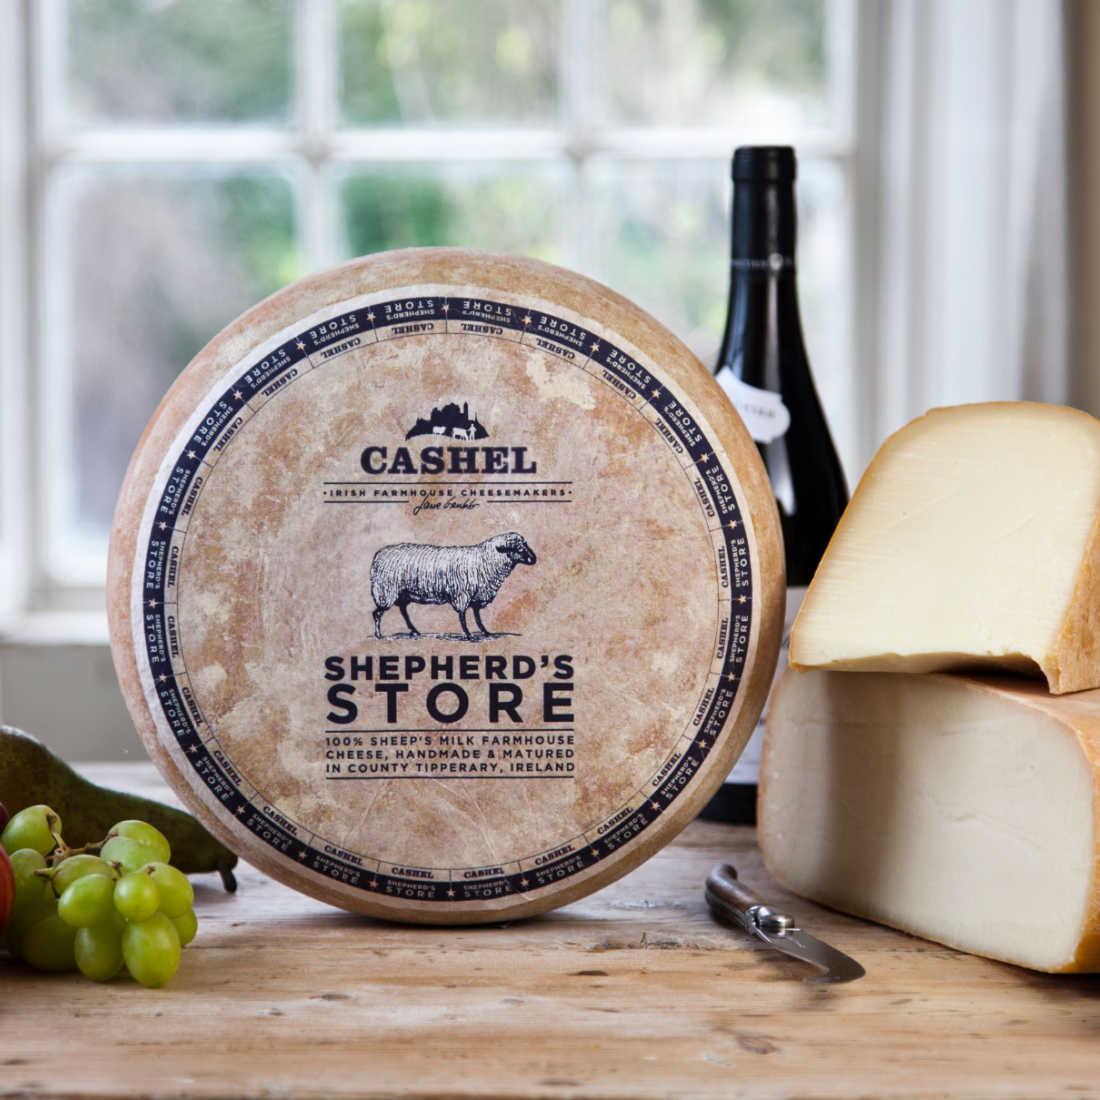 Shepherds-store-hard-sheeps-milk-cheese